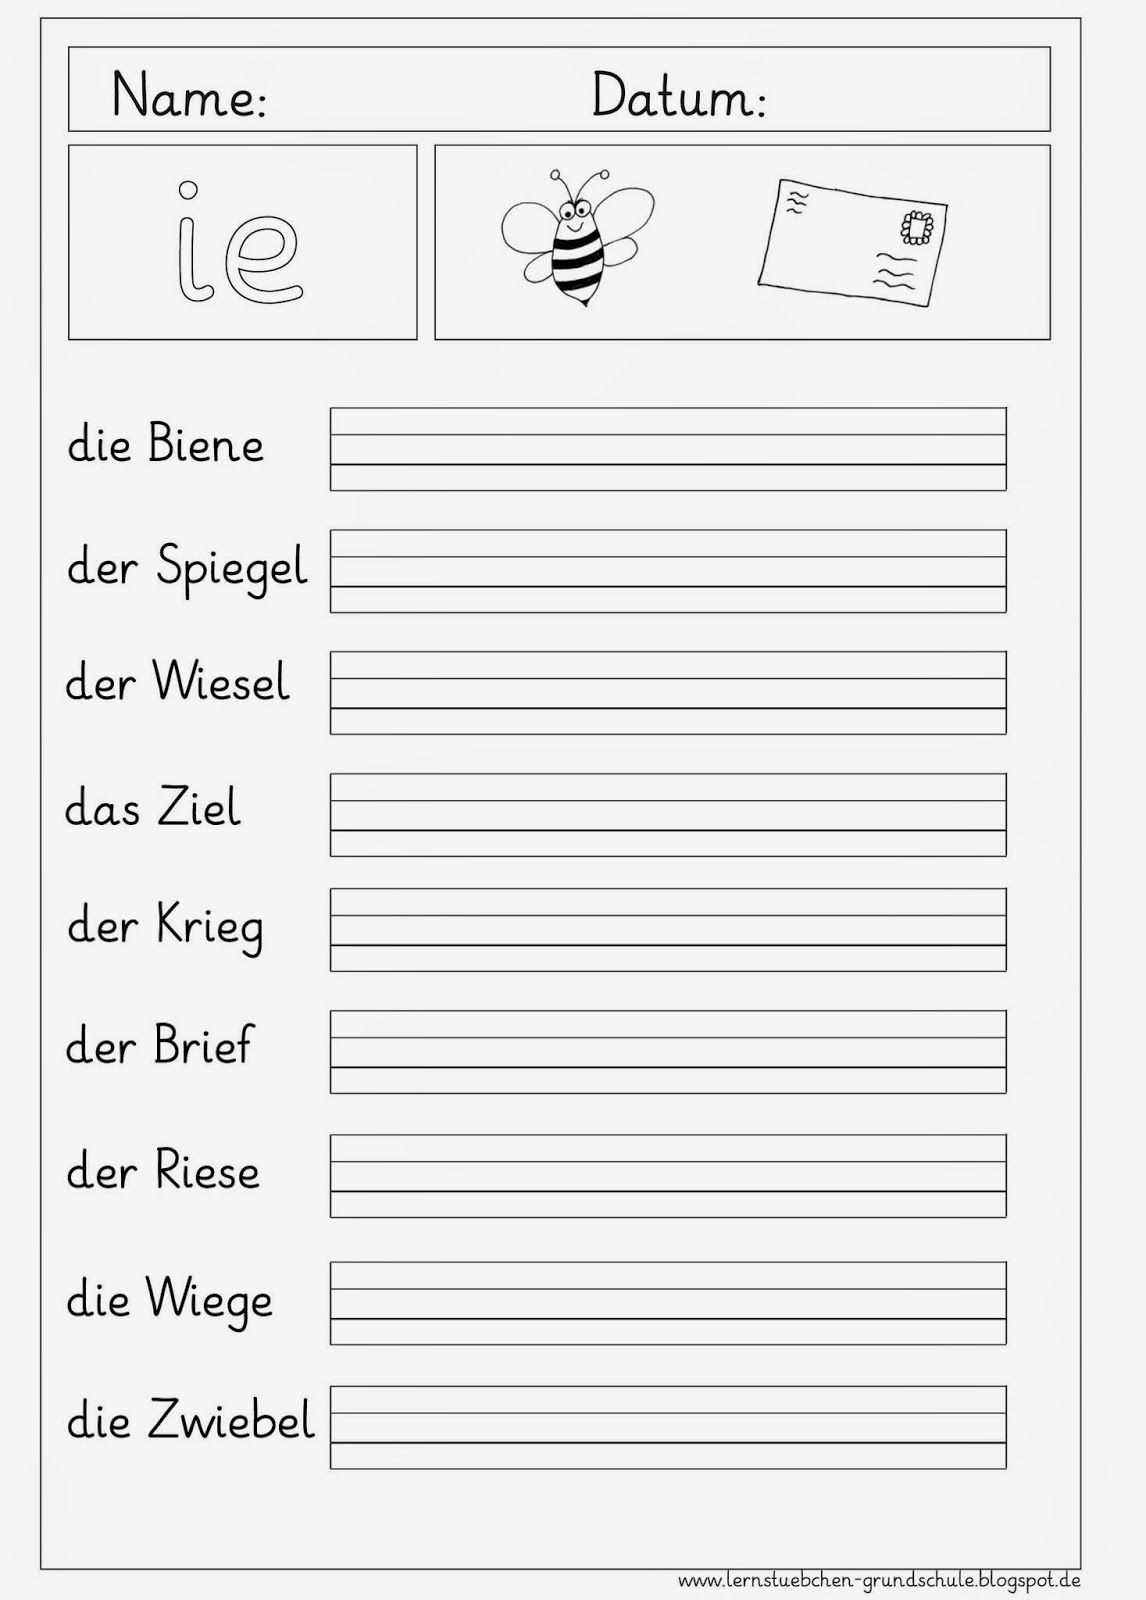 Arbeitsblätter Grundschule 1 Klasse Ausdrucken Lernstübchen